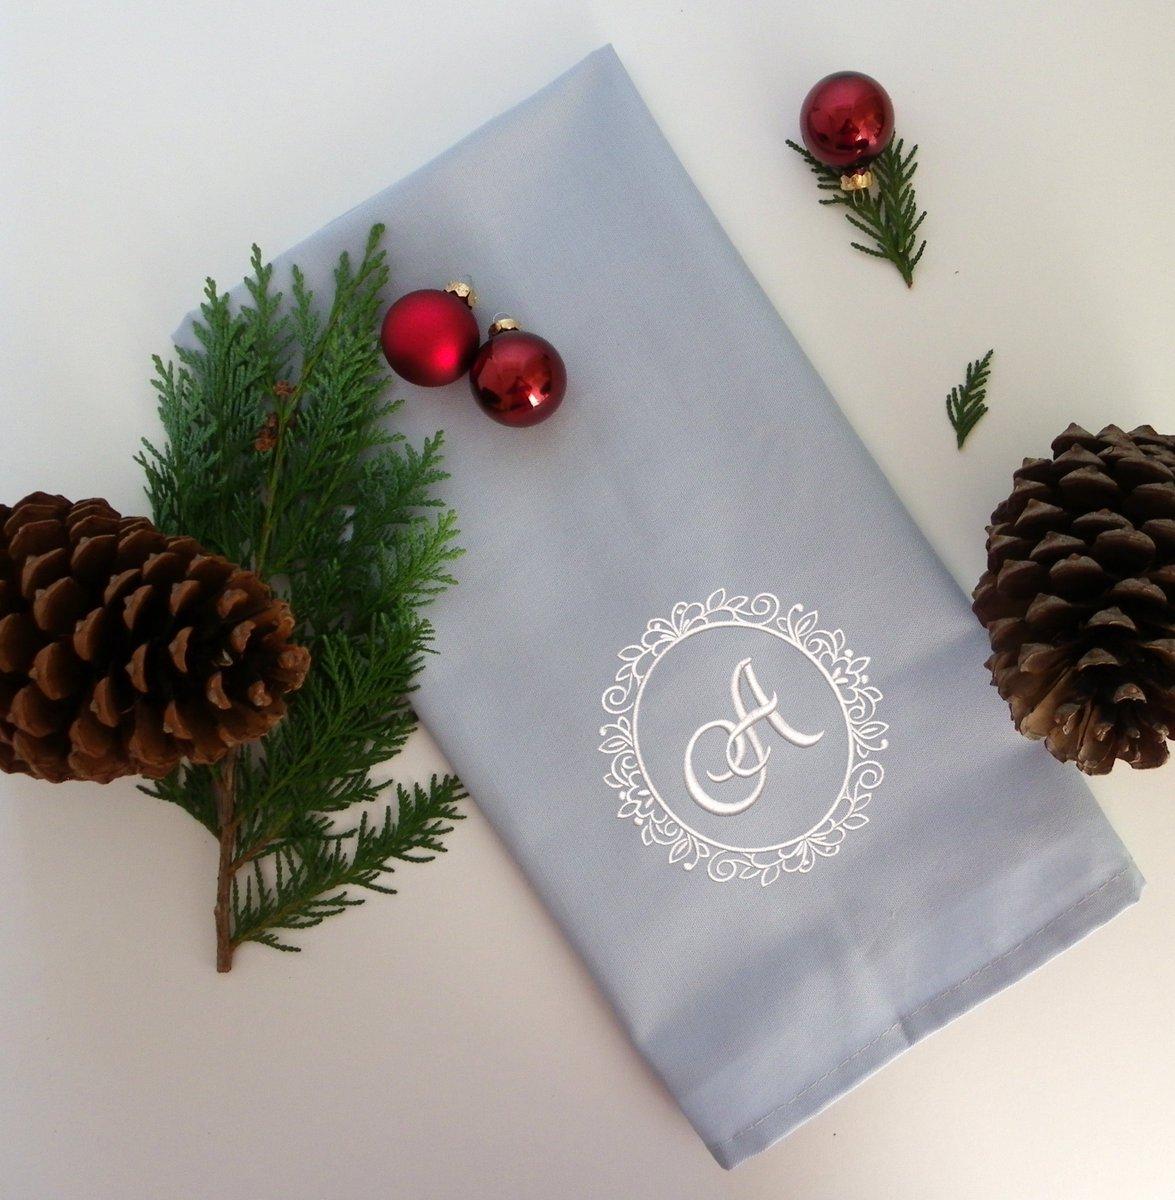 test Twitter Media - Geschirrtuch Monogramm Weihnachten bestickt individualisierbar https://t.co/01d8ftX8kh #haushaltswaren #blau #hochzeit #weihnachten #weiss #baumwolle #geschirrtuch #kuche #geschenk https://t.co/1sZxQd2BxW